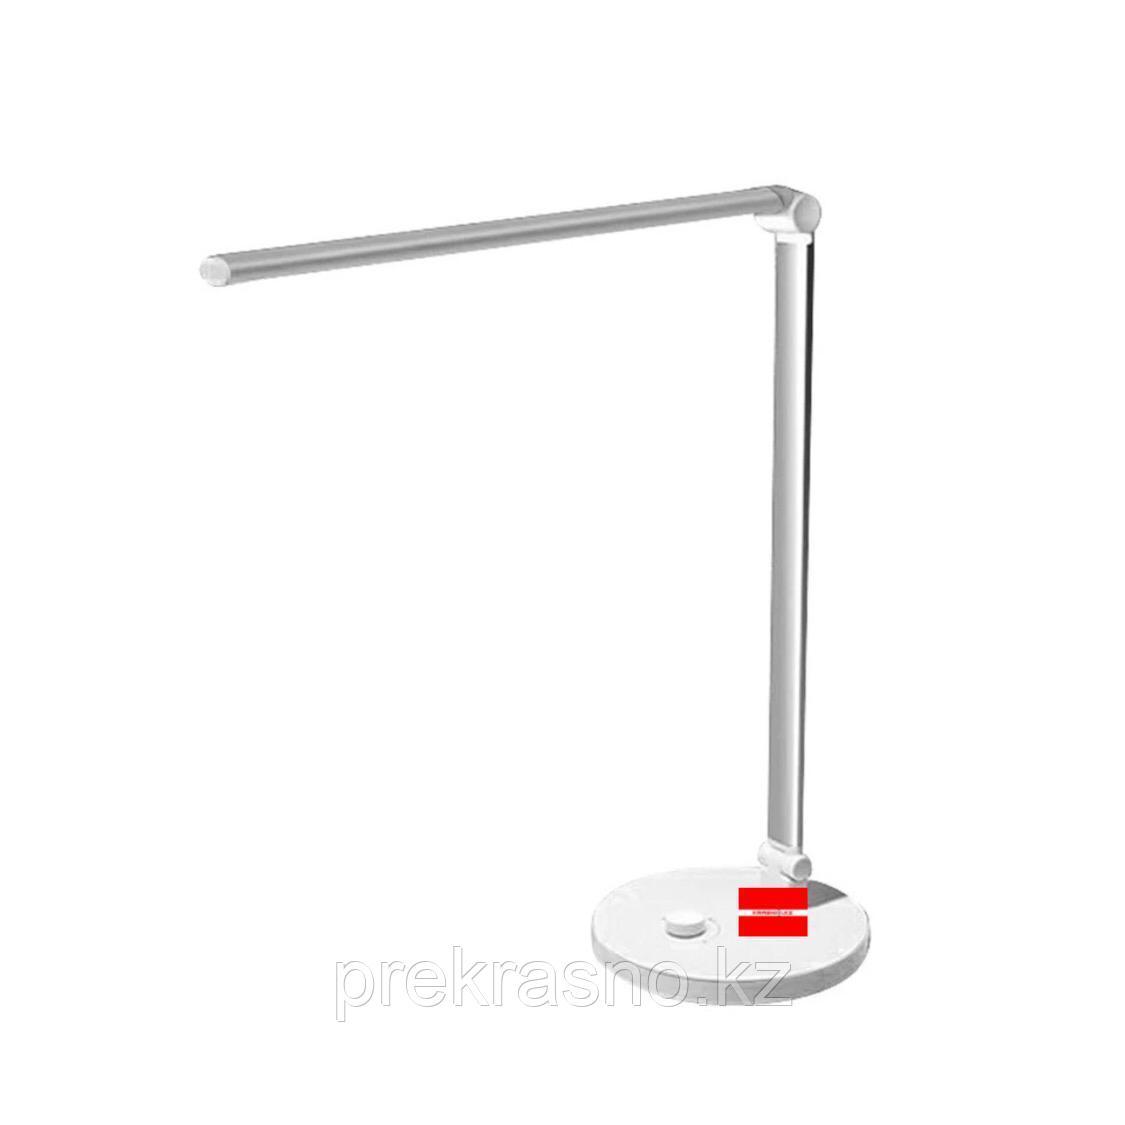 Лампа настольная LED YJ-T7